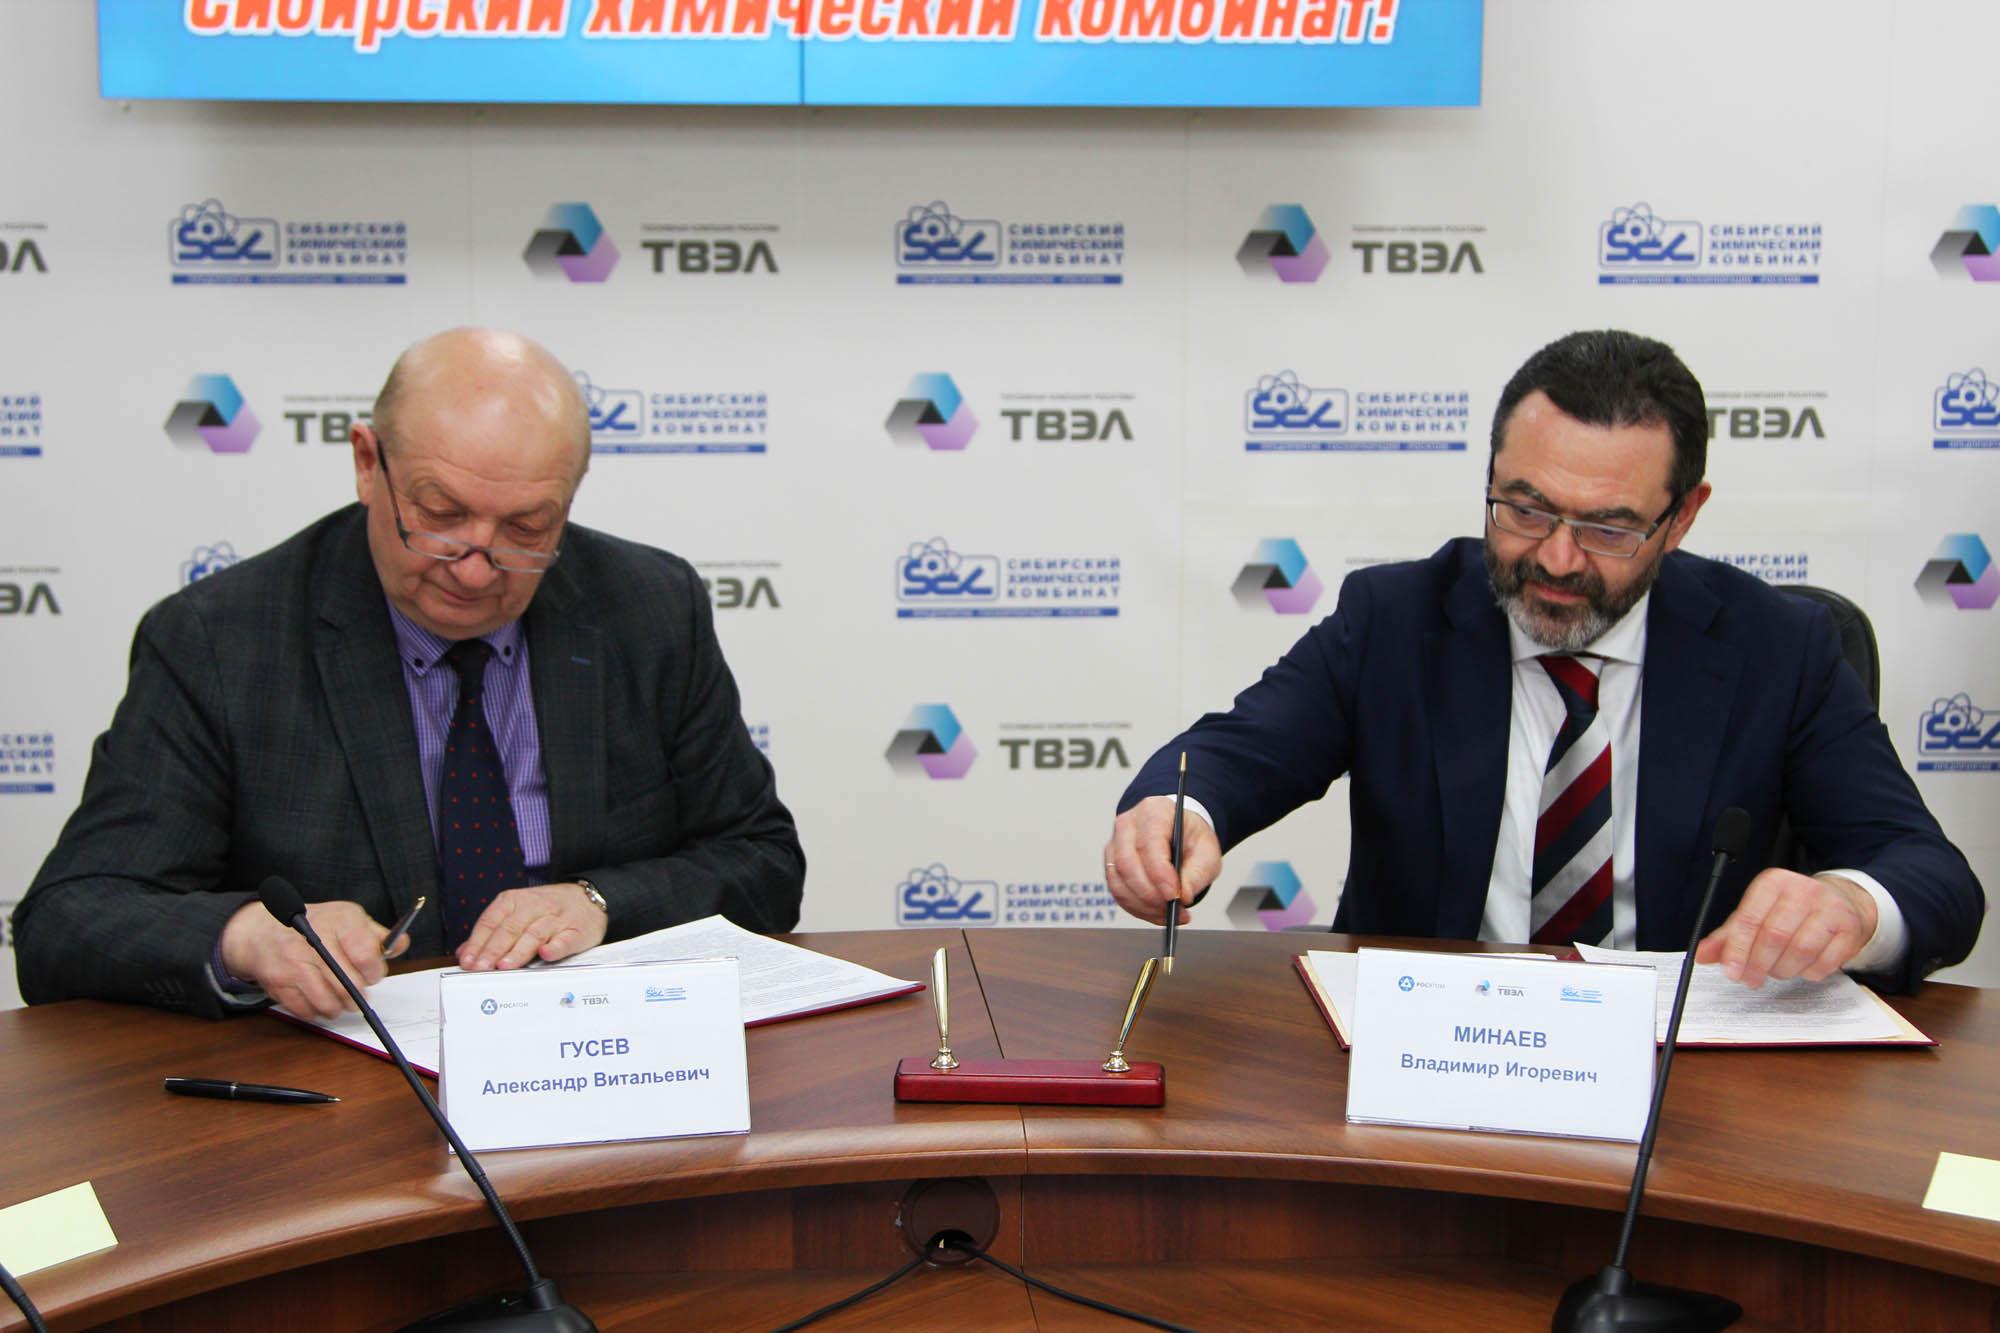 Подписан договор на строительство энергоблока с реактором БРЕСТ-ОД-300 в рамках проекта «Прорыв»